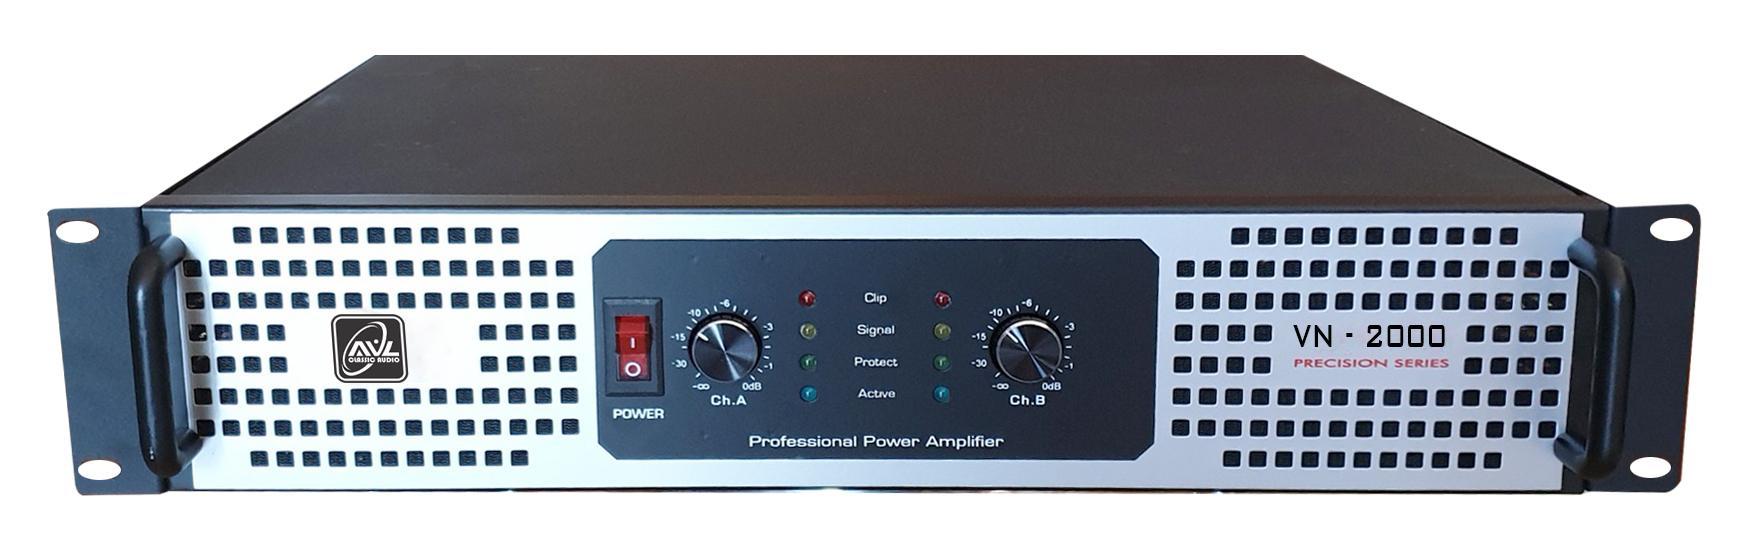 Bộ khuếch đại liền công suất AVL VN2000